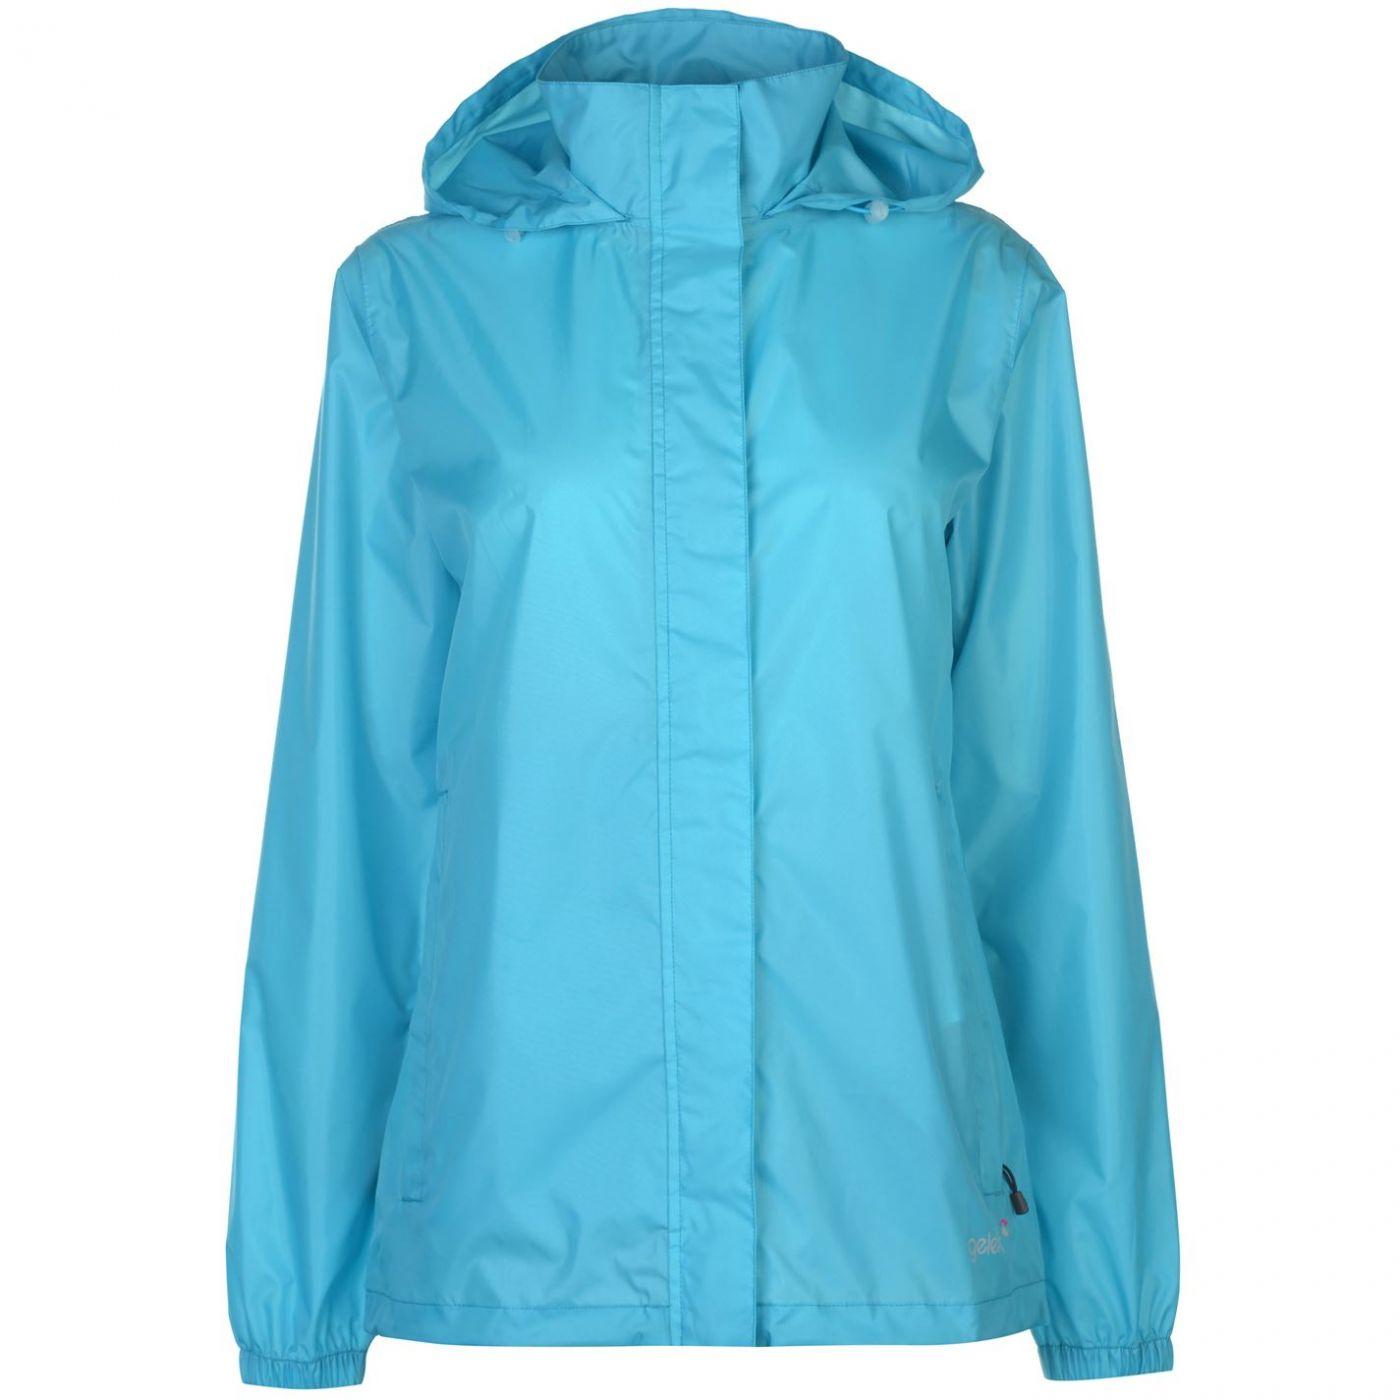 Gelert Packaway Womens Waterproof Jacket